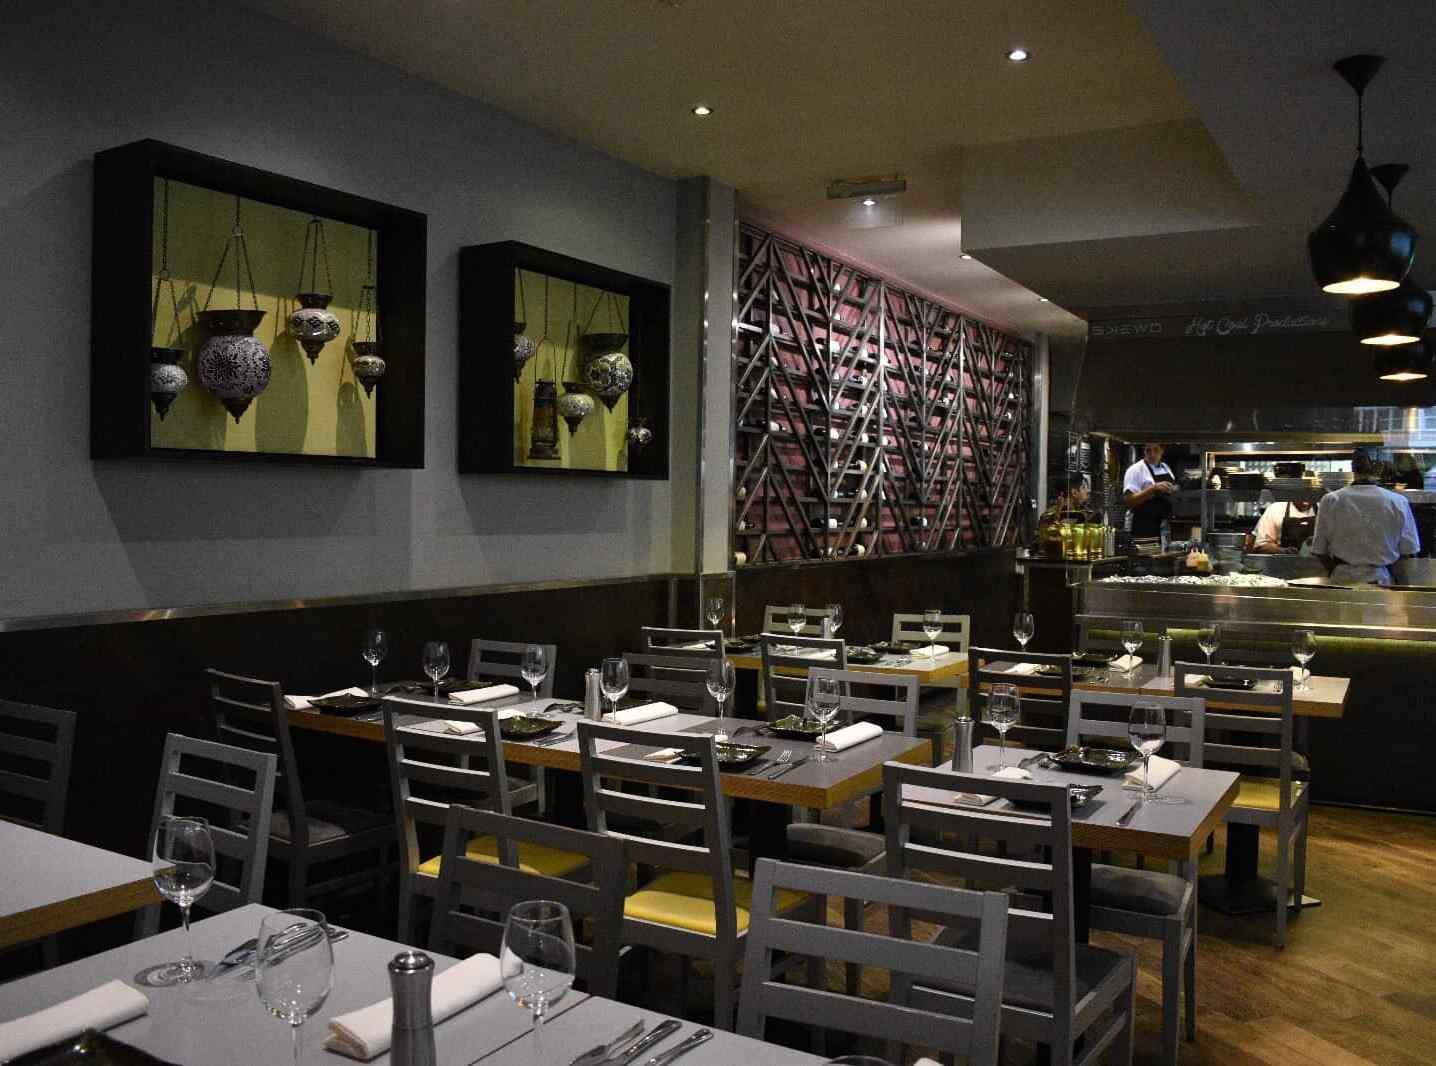 restaurant in Barnet